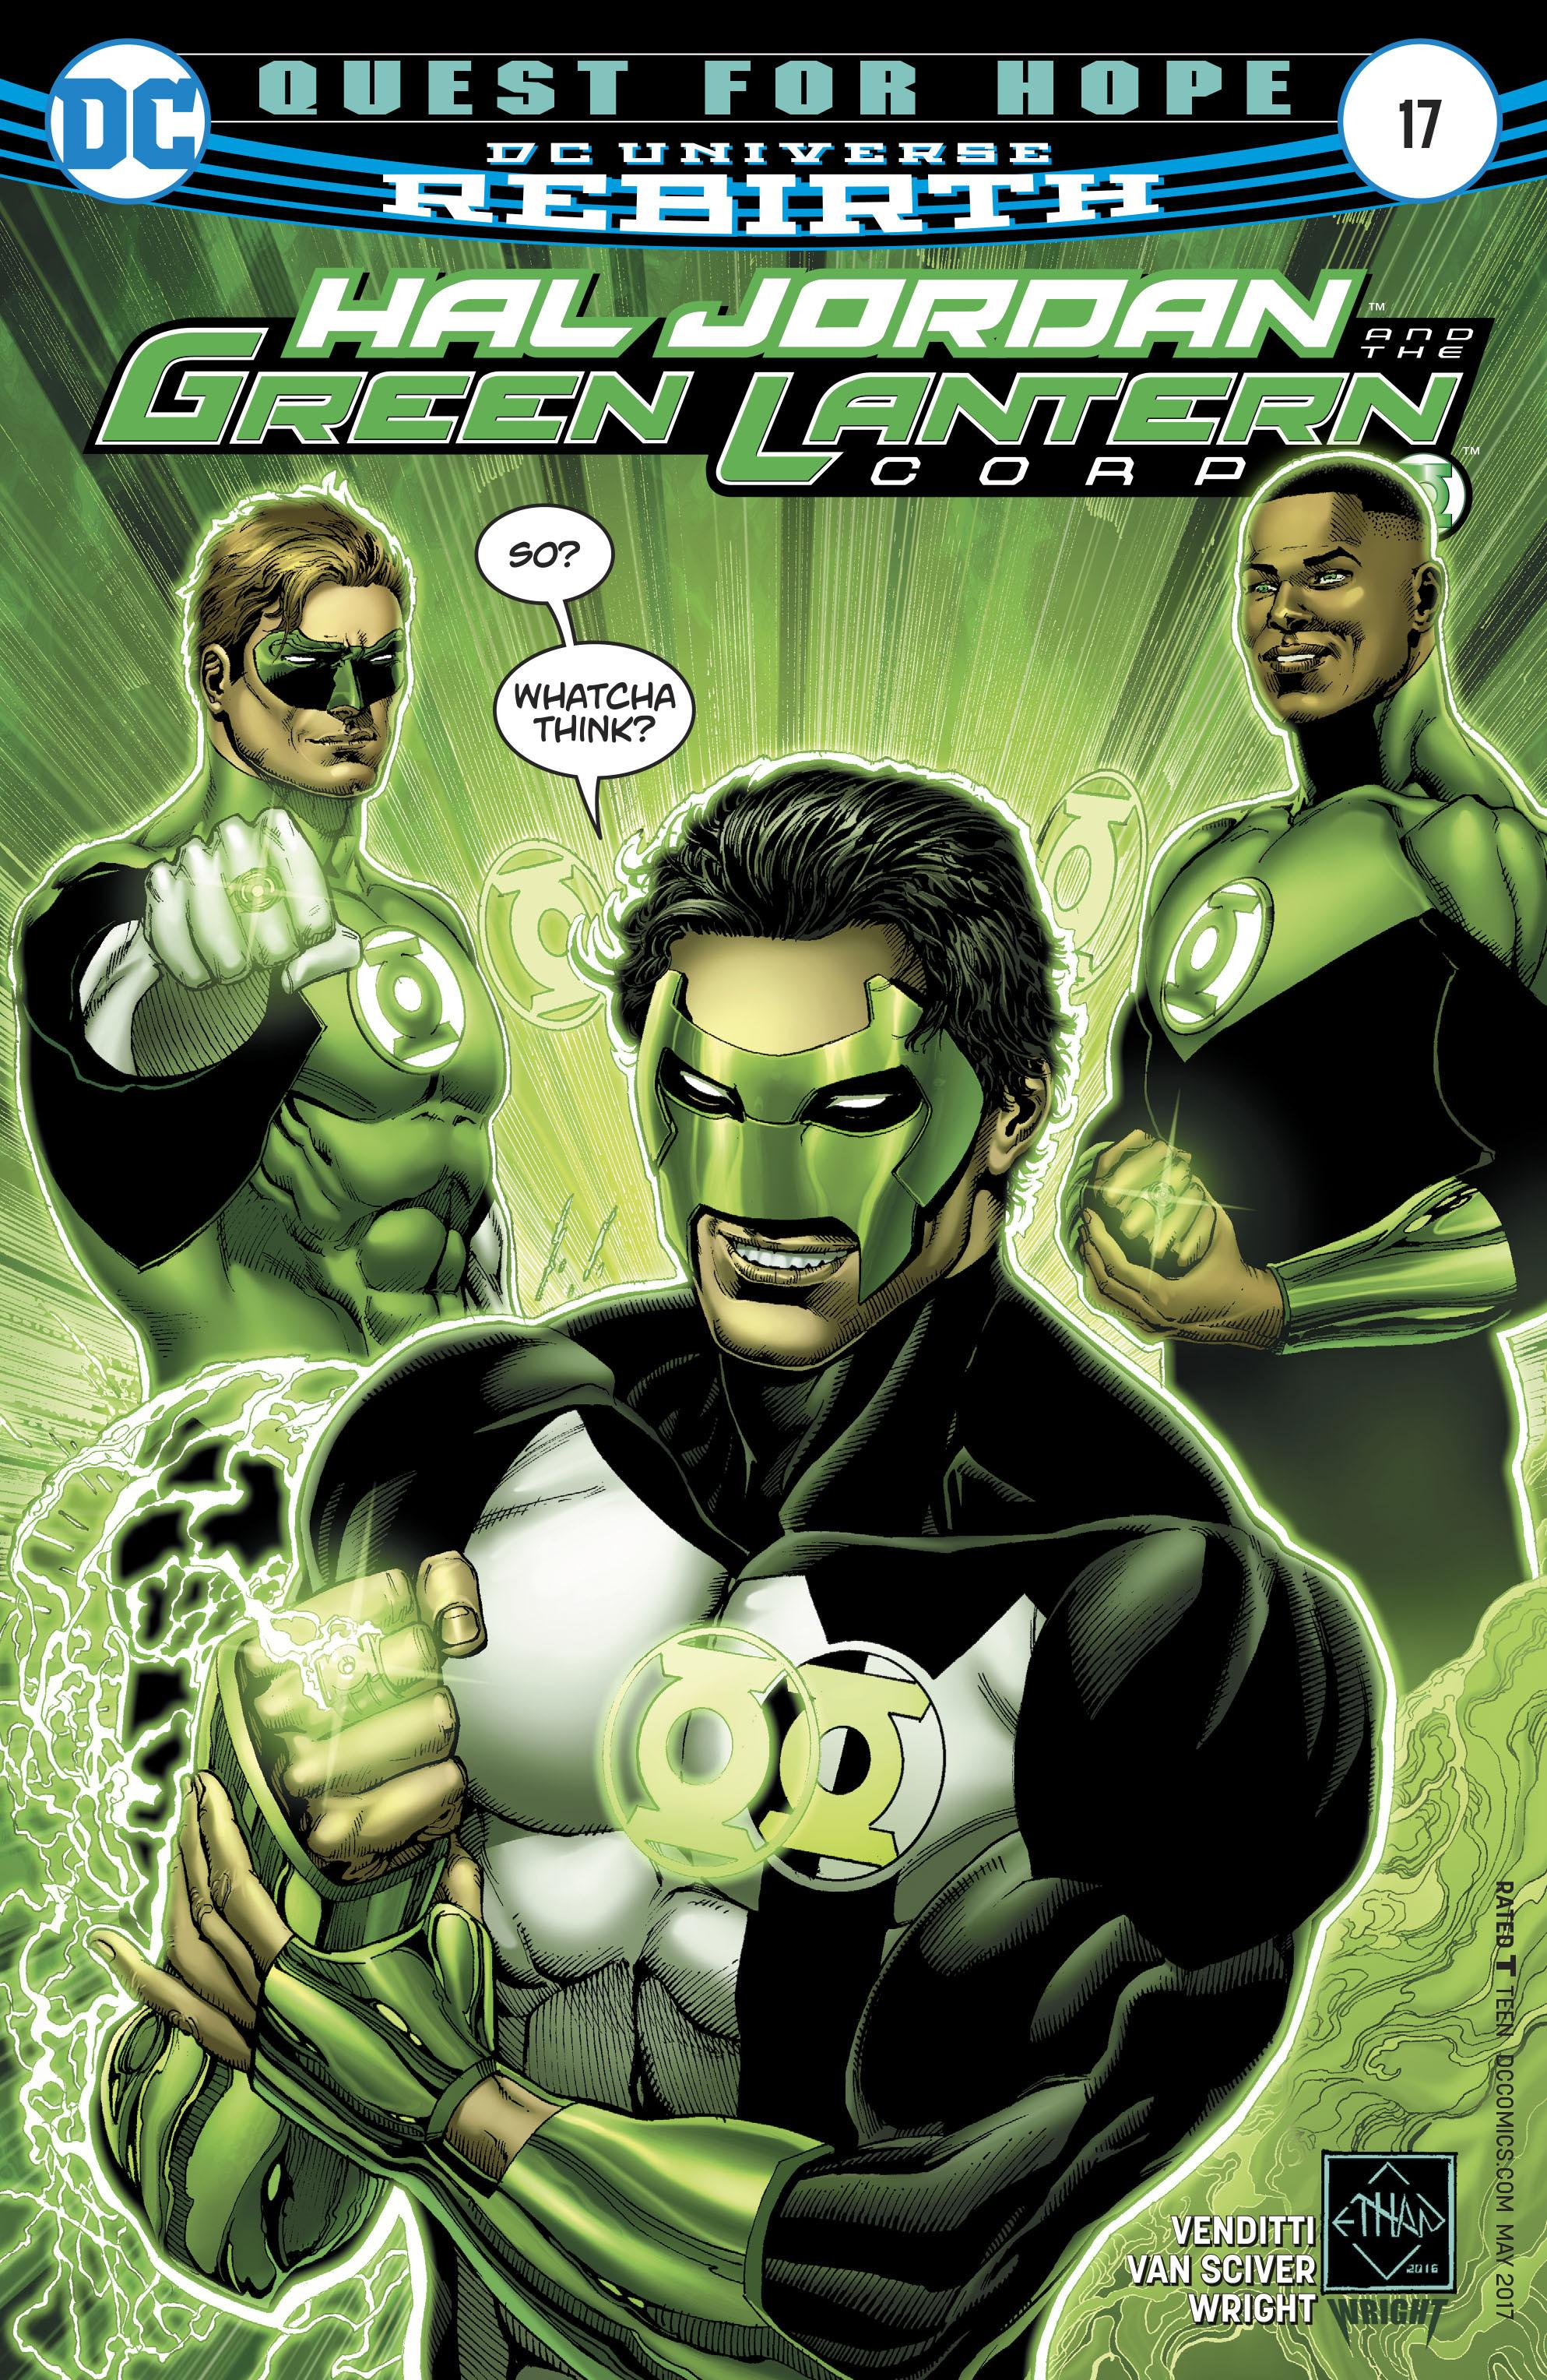 [IMPORTANTE] Todo lo que tiene un inicio tiene un fin... por ahora Hal-Jordan-and-The-Green-Lantern-Corps-17-Kyler-Rayner-DC-Comics-Rebirth-Spoilers-1